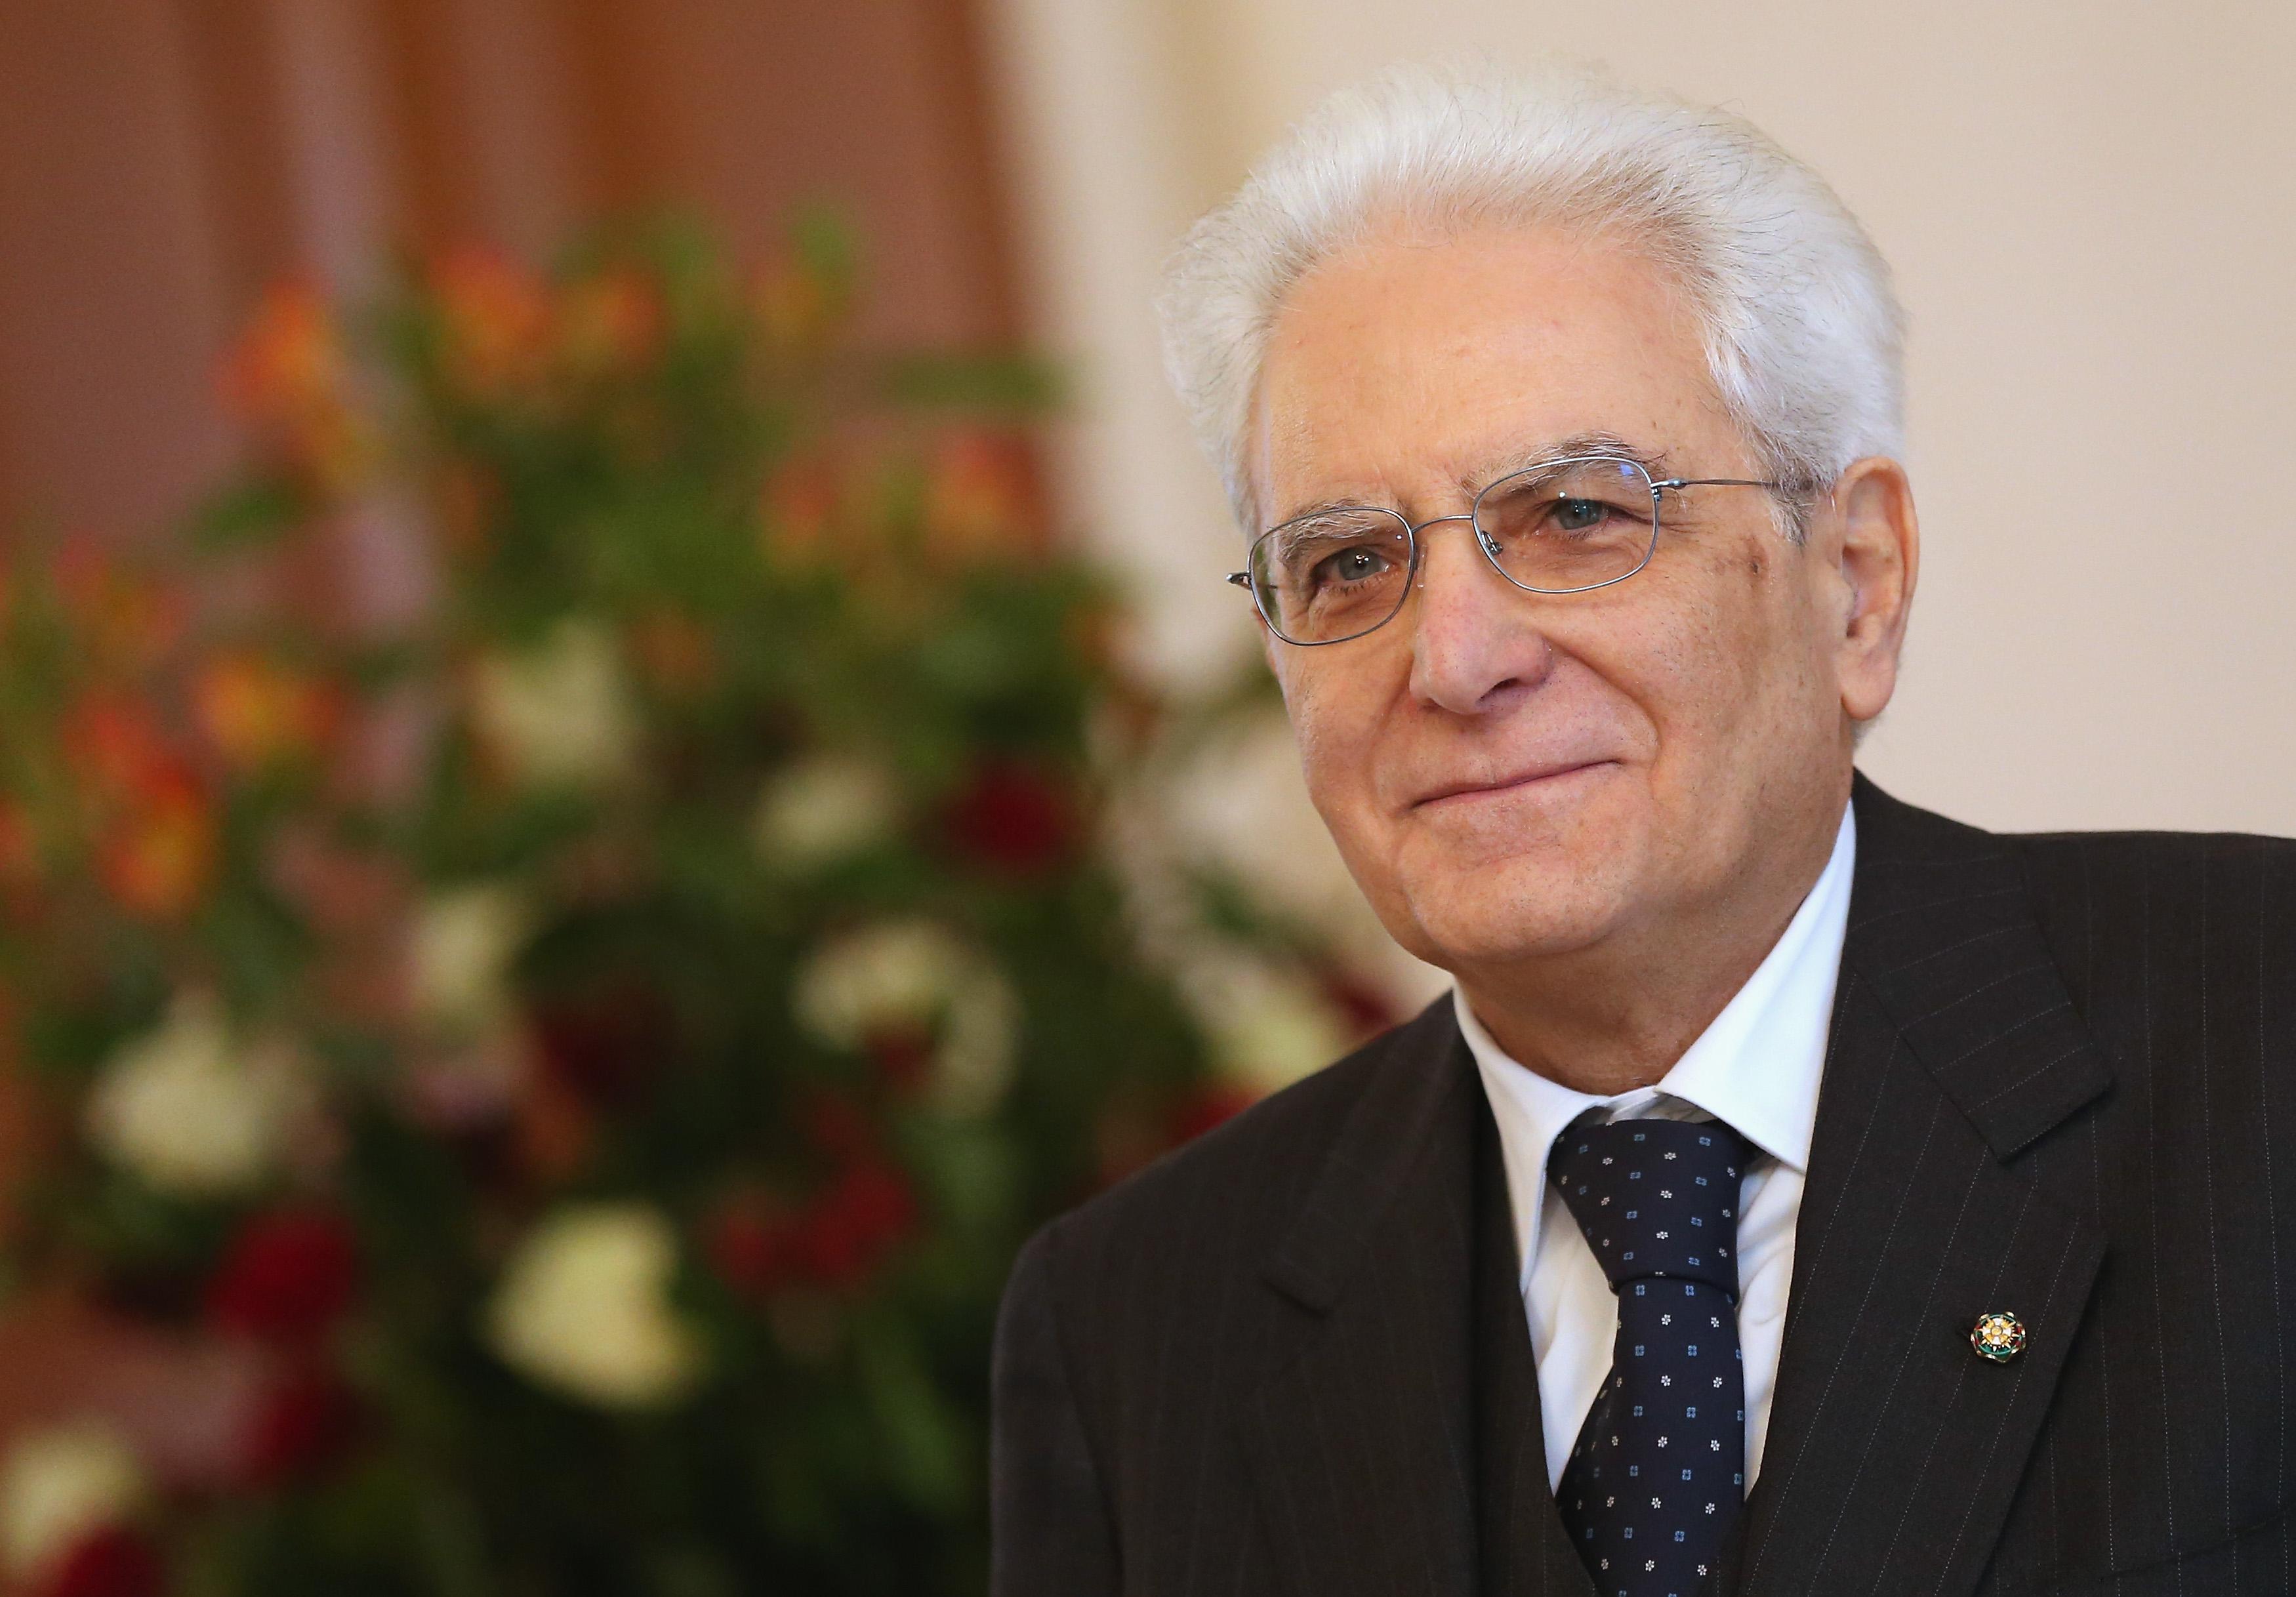 Ambiente, Le parole del Presidente Mattarella in occasione della giornata dedicata